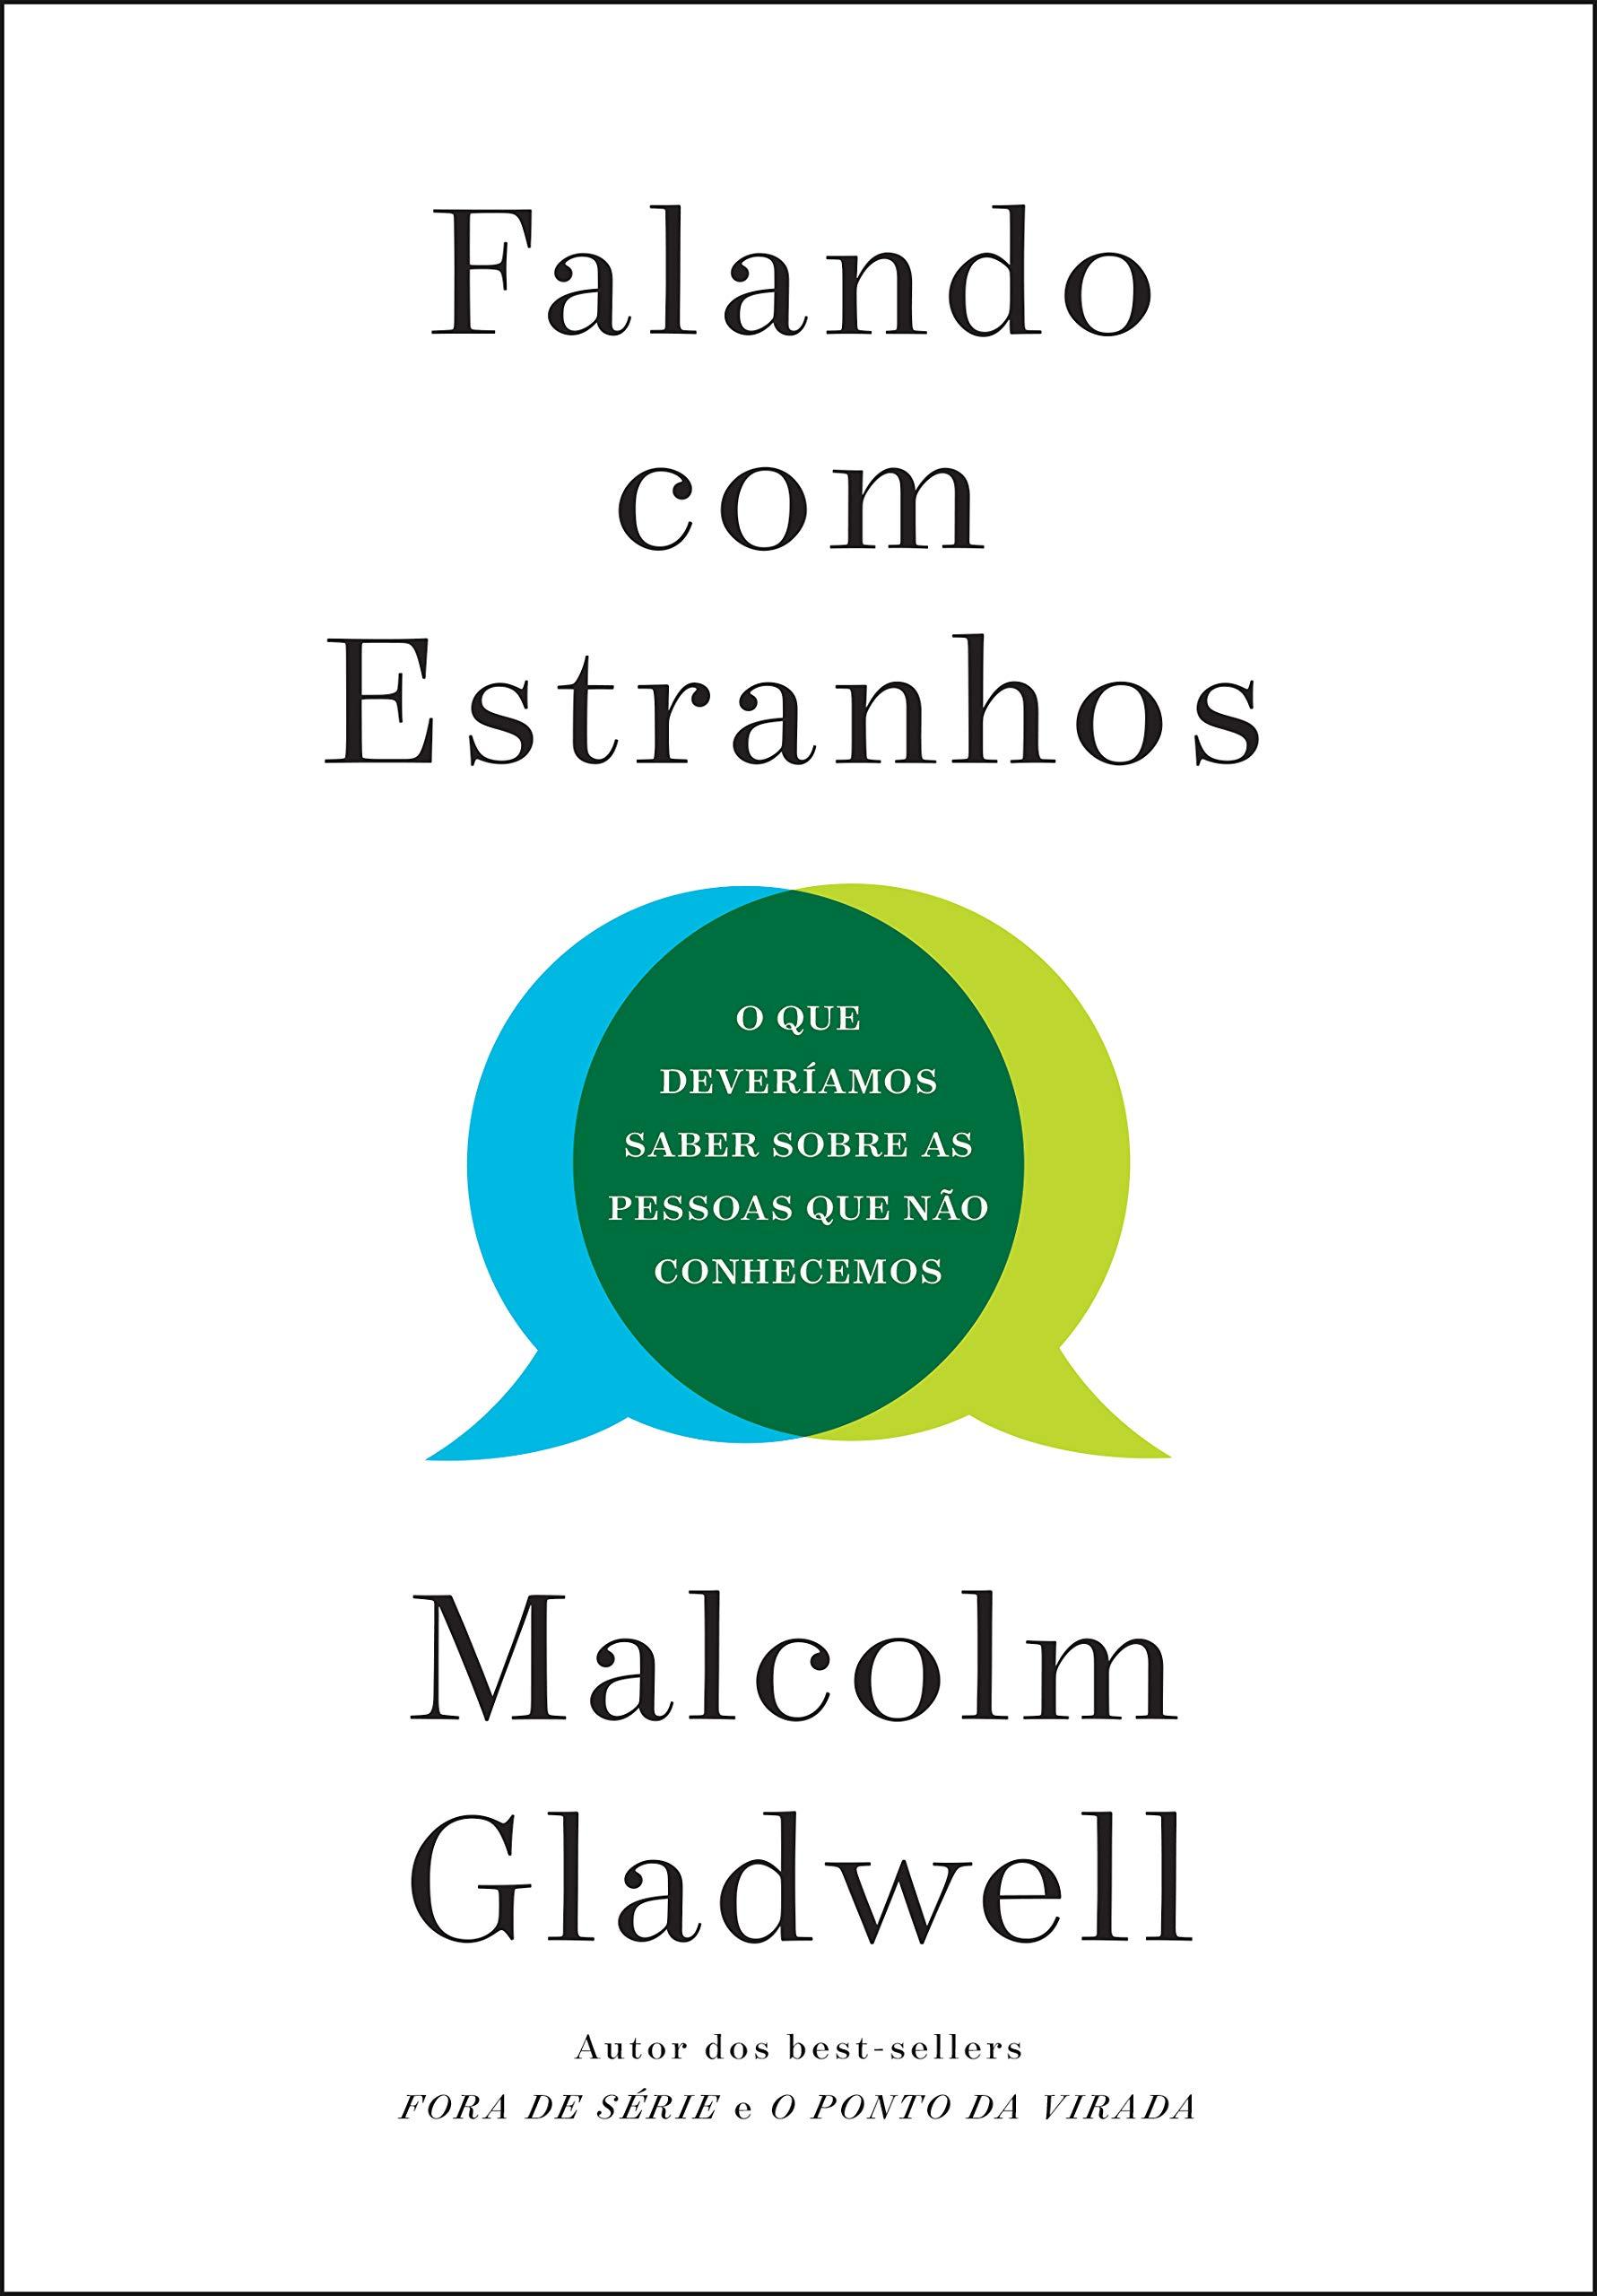 Falando com estranhos, Malcolm Gladwell